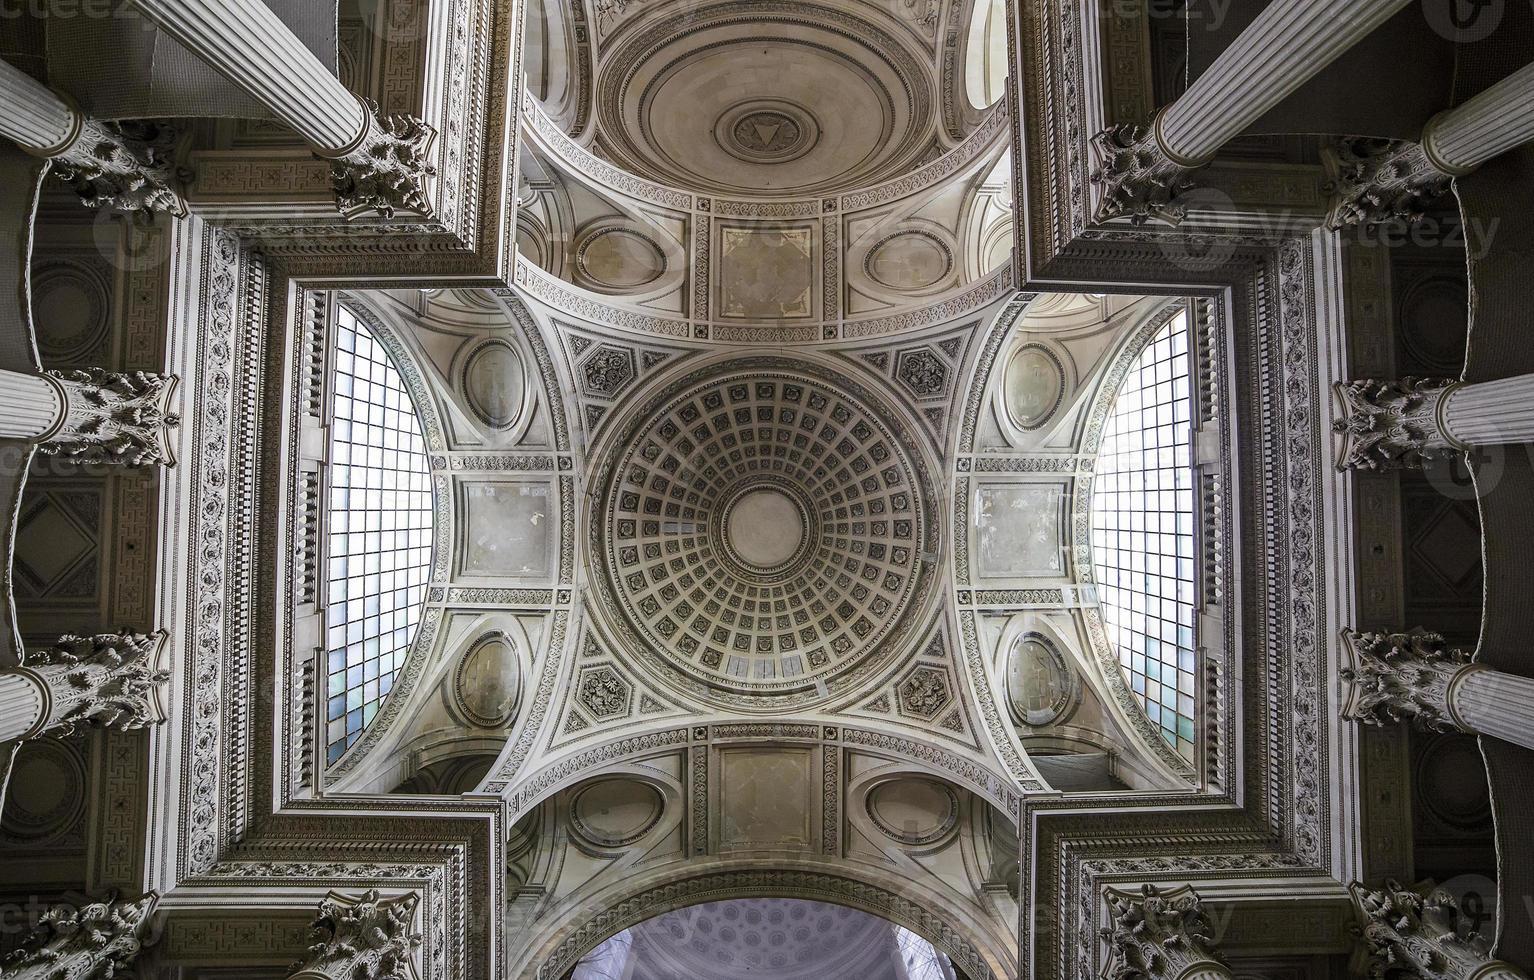 interiörer i pantheon necropolis, Paris, Frankrike foto